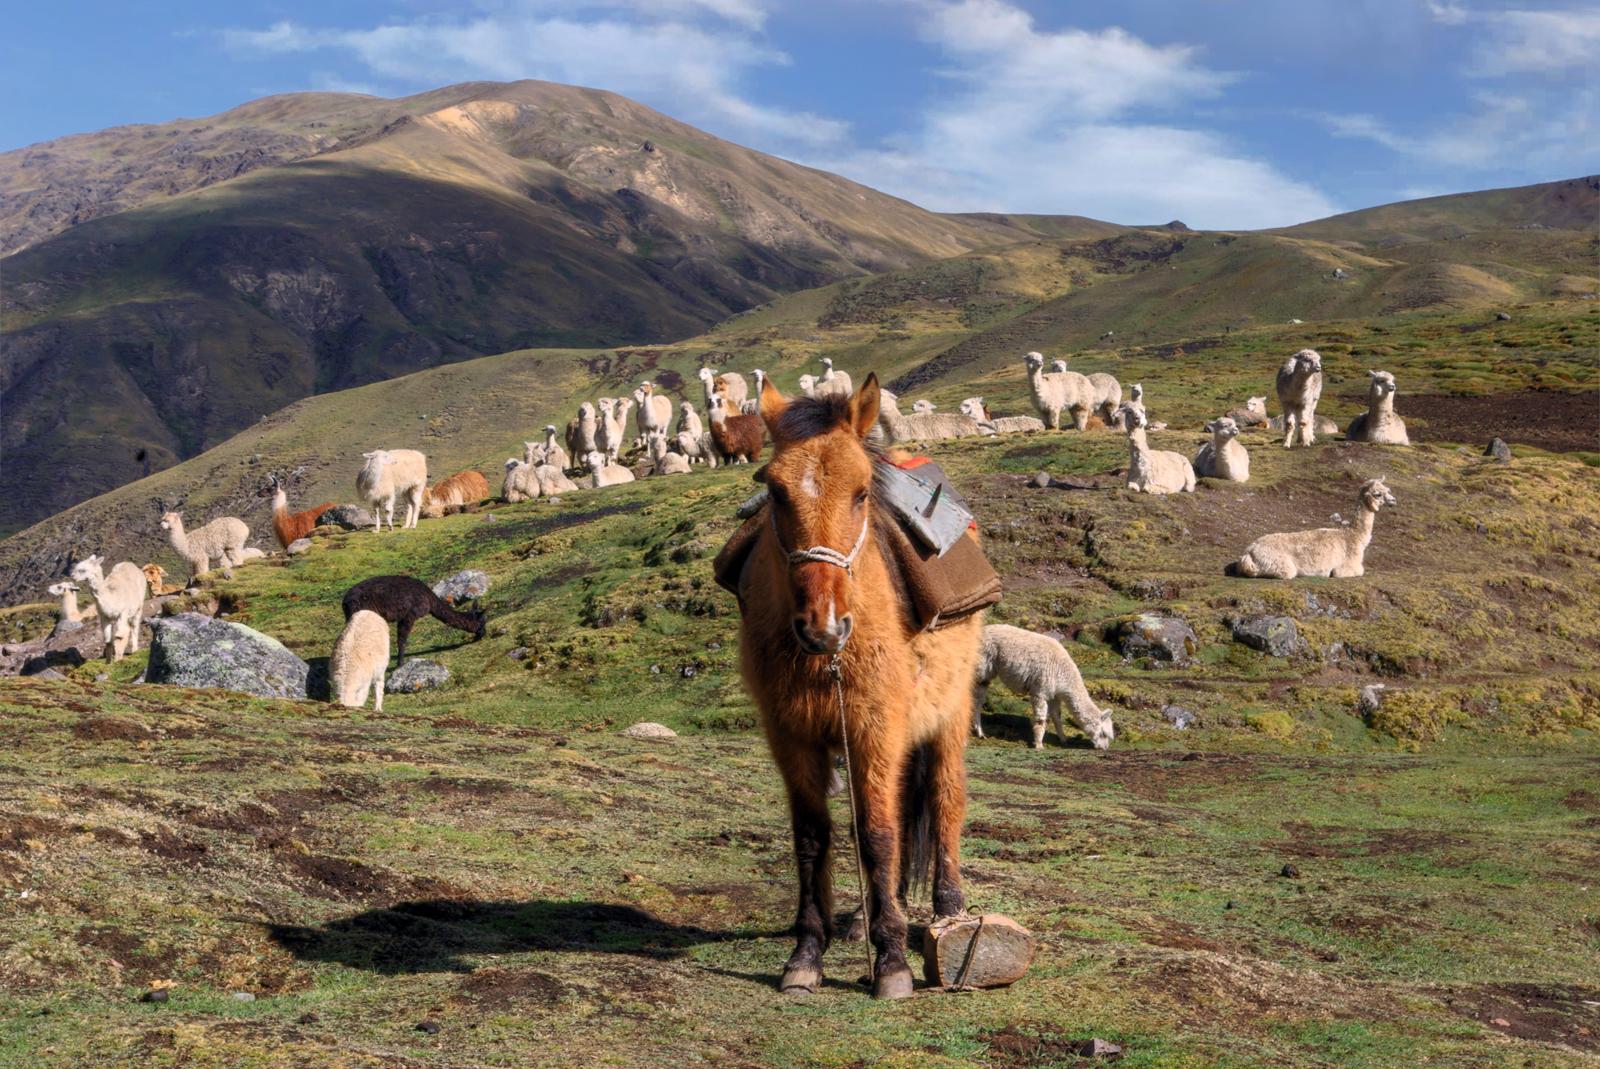 Packhorse and Llamas